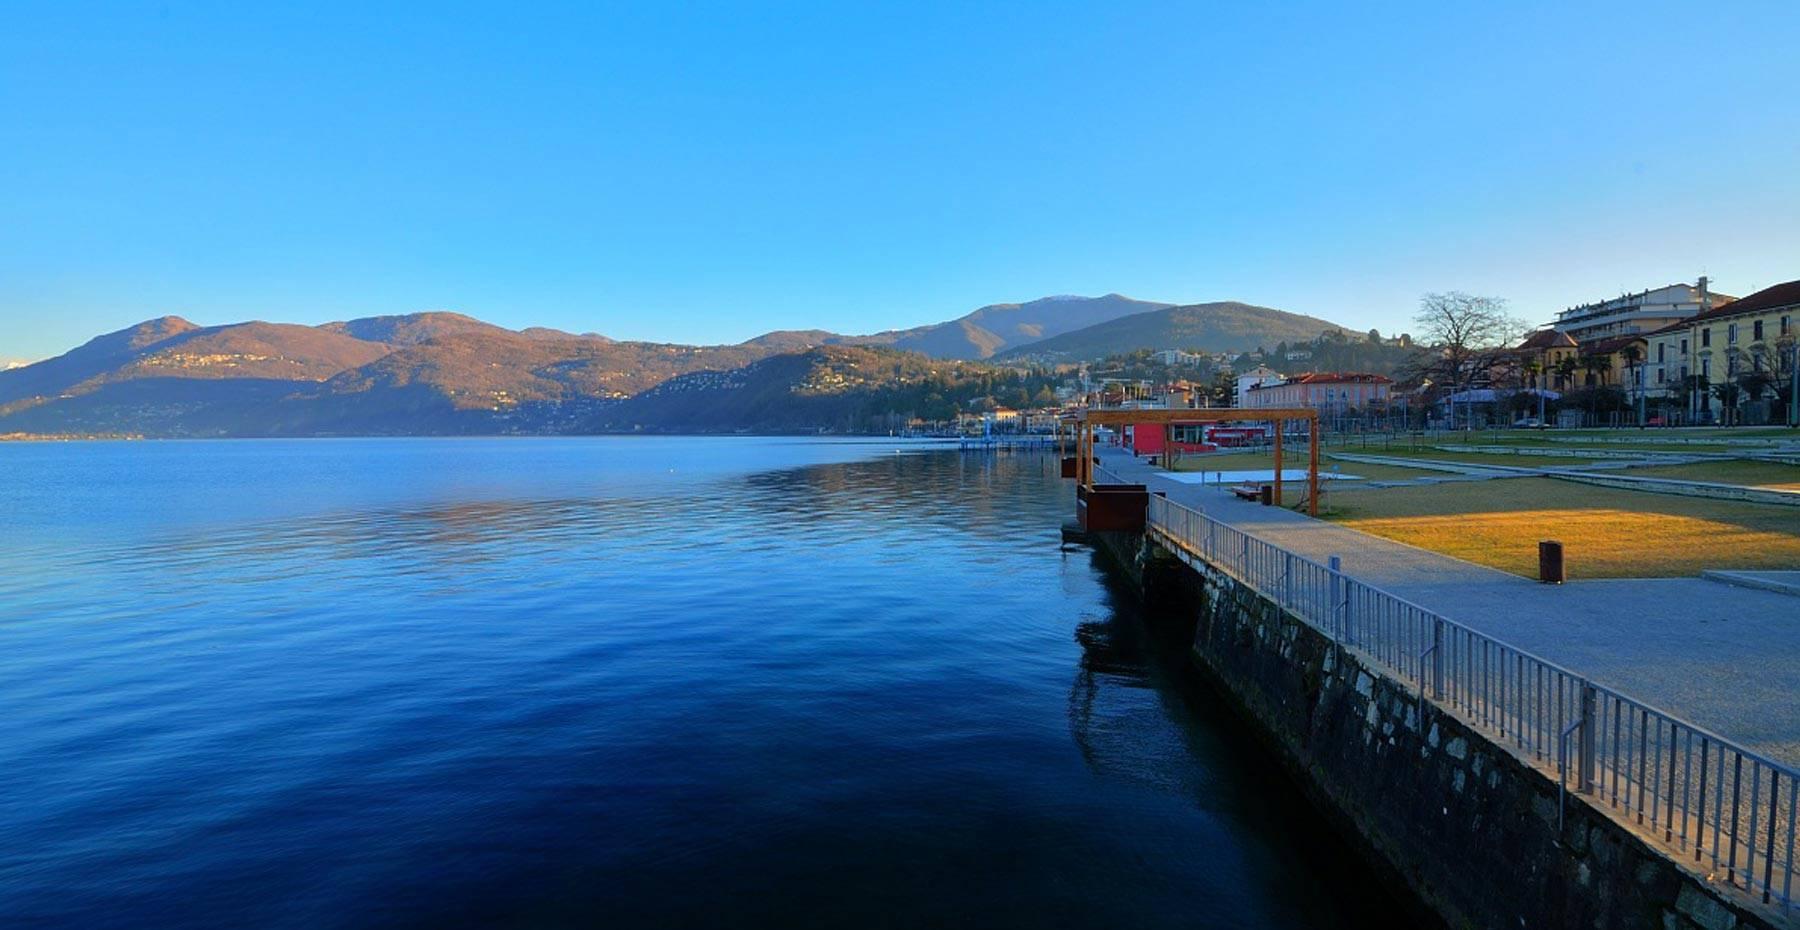 Lago maggiore sehenswertes luino wanderweg camin hotel luino for Designhotel lago maggiore